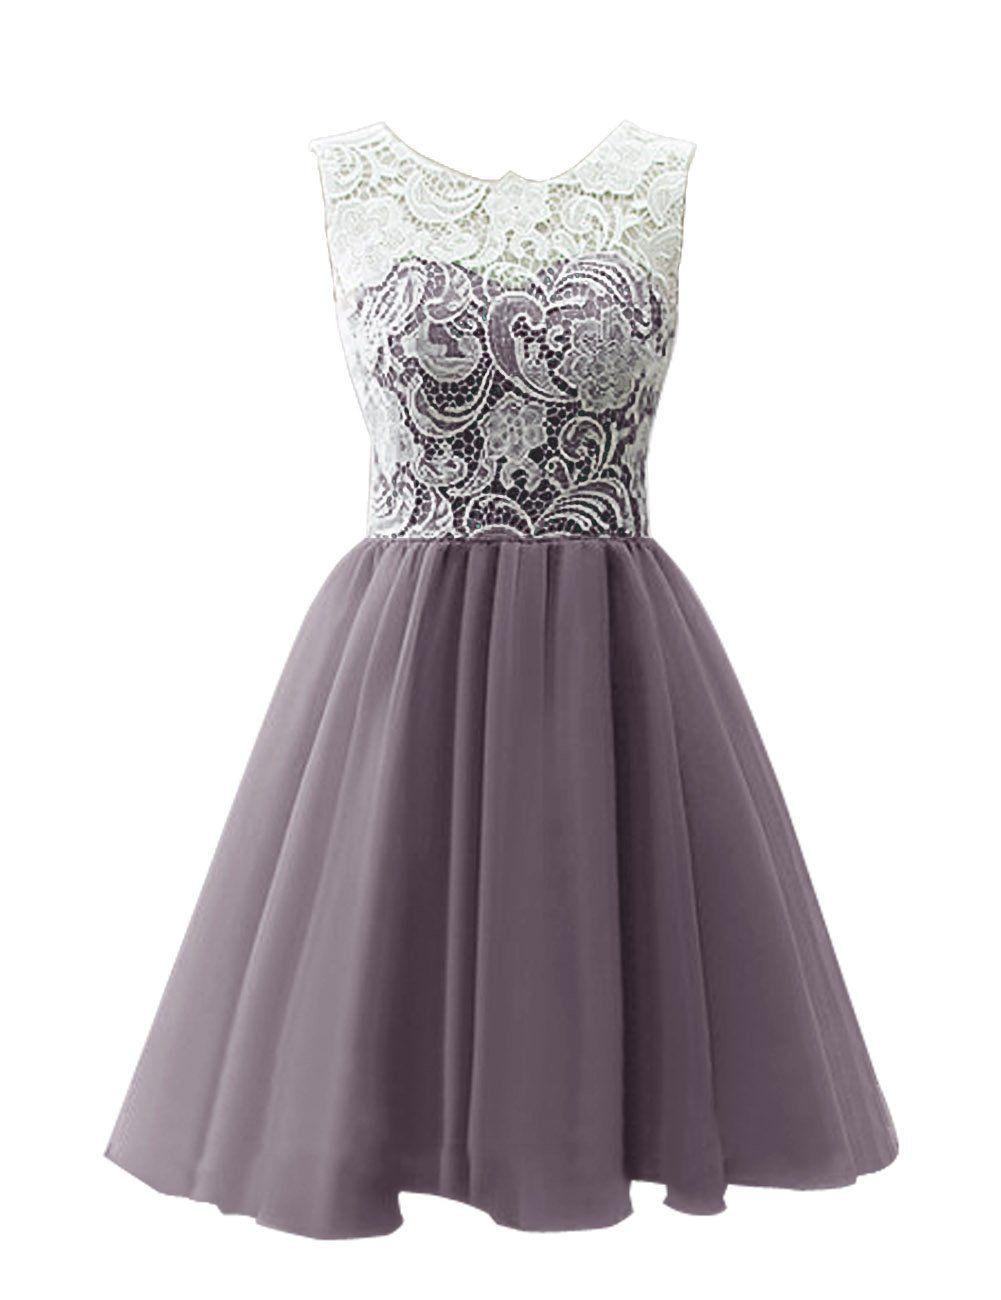 Designer Fantastisch Kleid Grau Rosa für 2019Abend Schön Kleid Grau Rosa Boutique